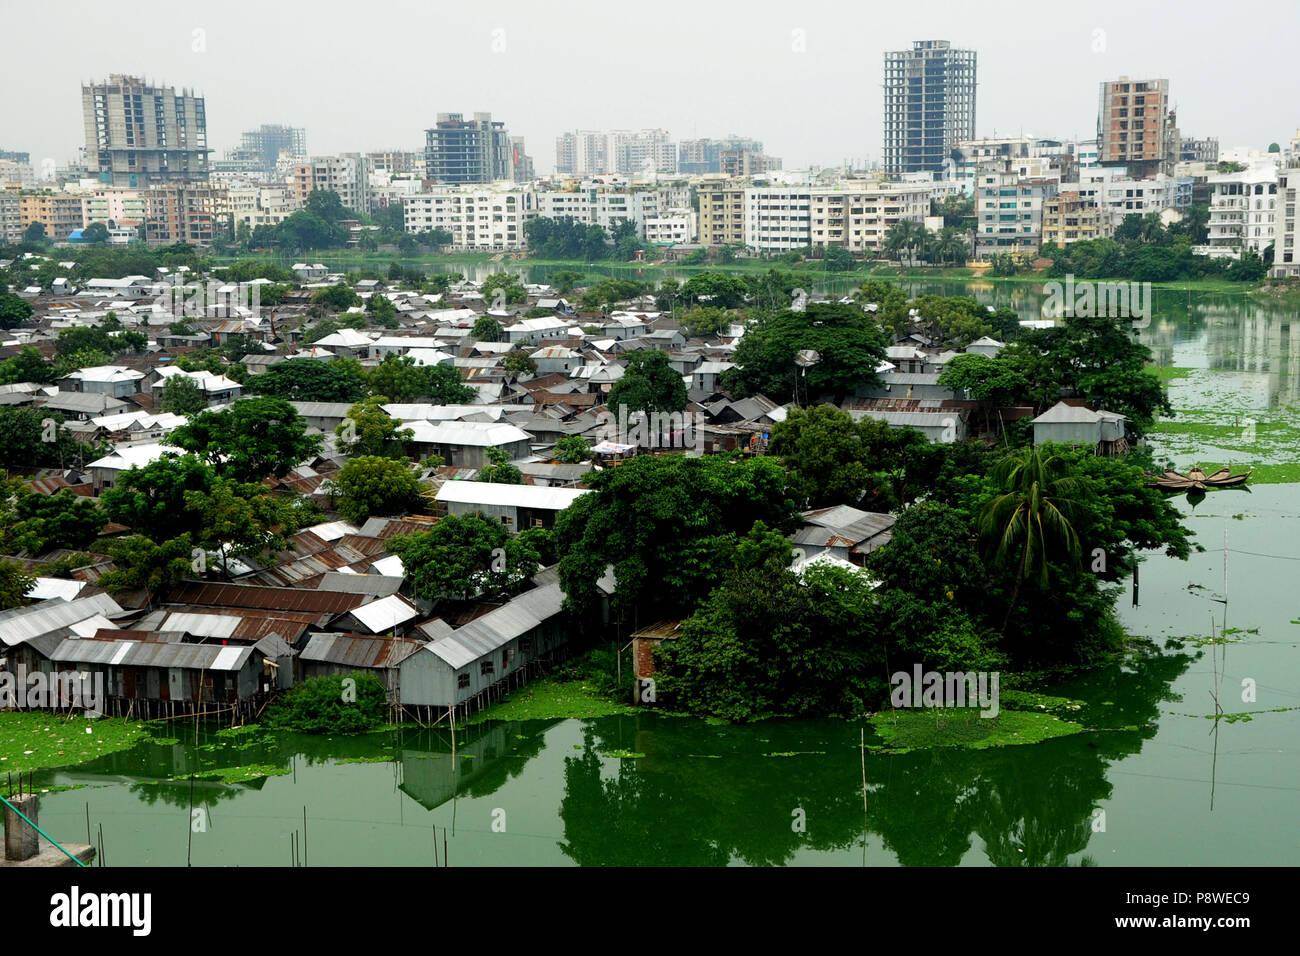 Korail slum gulshan dhaka dating